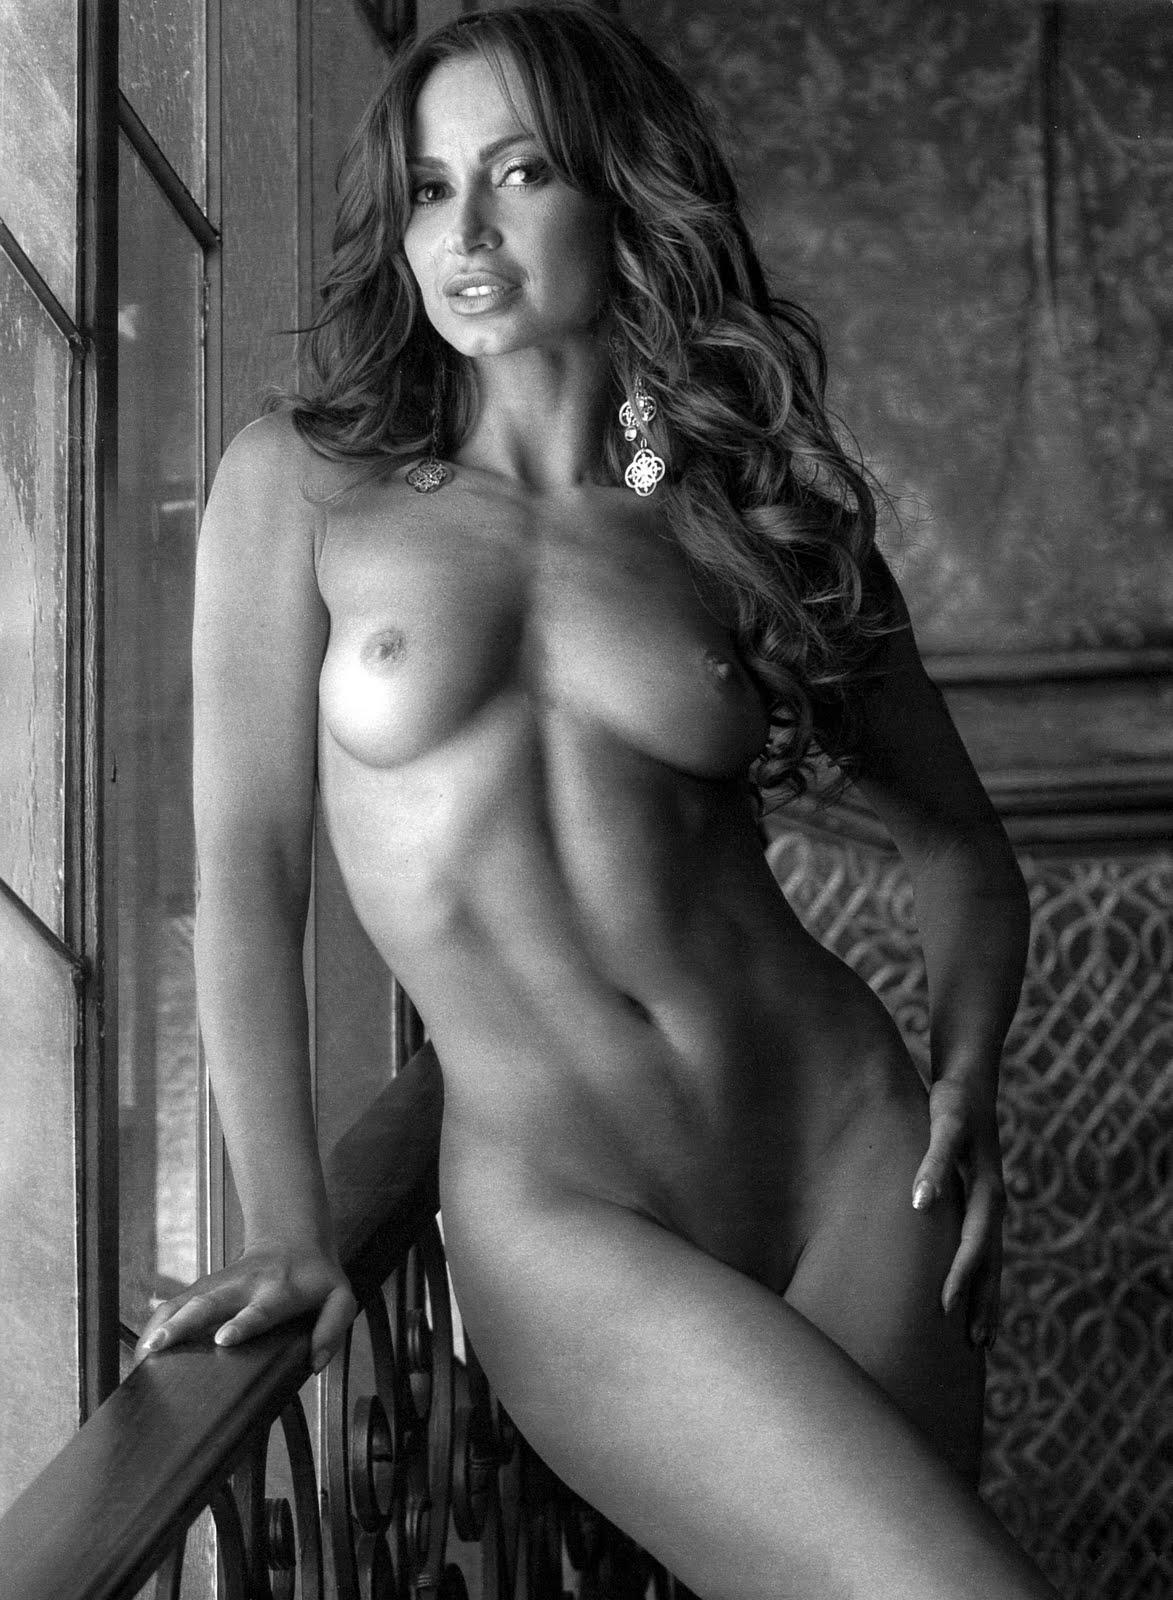 Смотреть эротические фото голой вики — pic 1